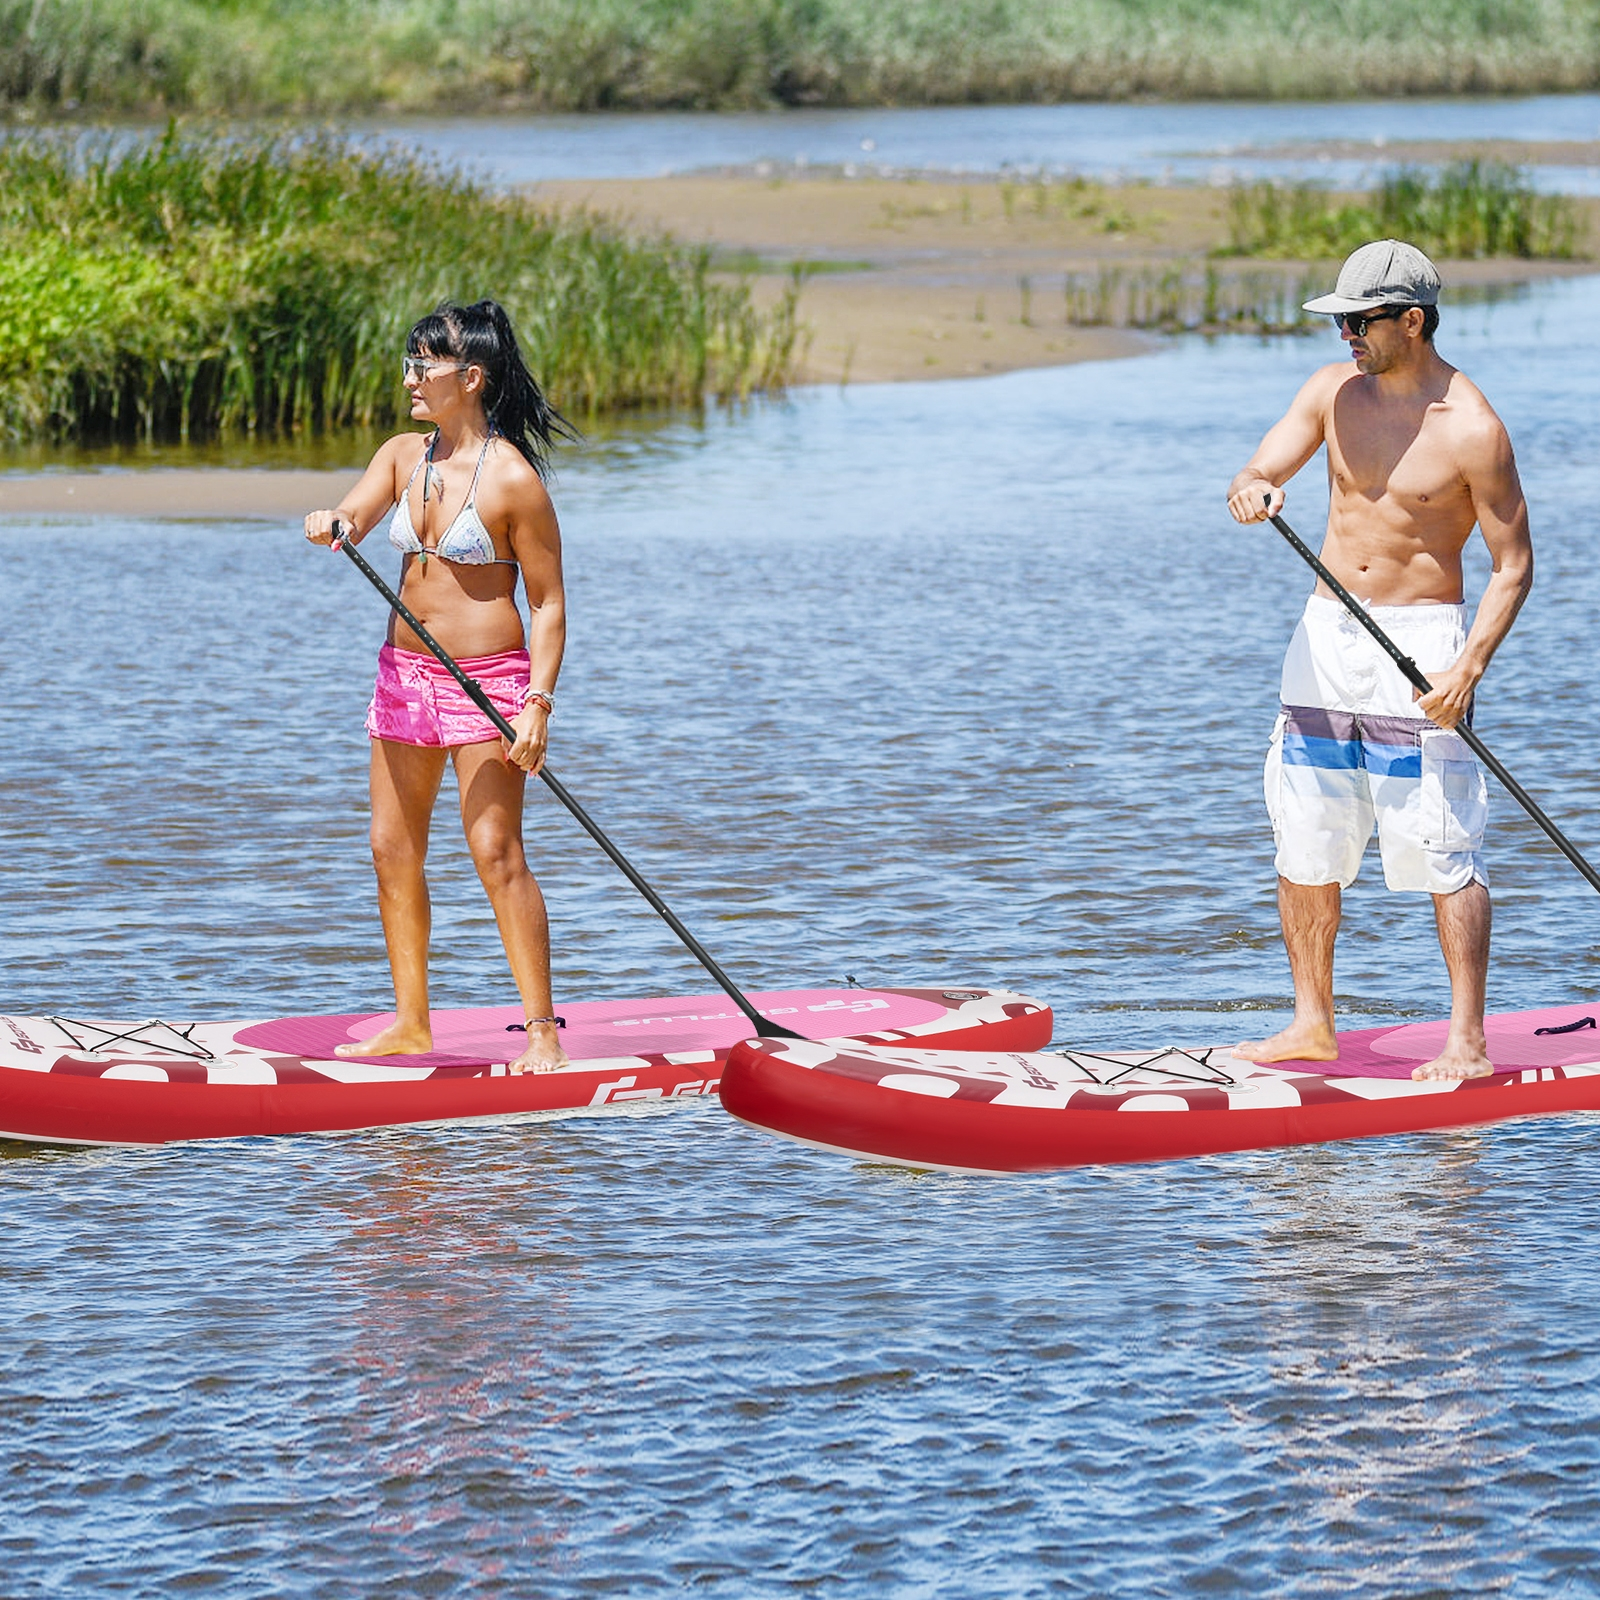 Costway Tavola gonfiabile da paddle per bambini e adulti Tavola SUP extra ampia con controllo surf 335x76x16cm Rosa